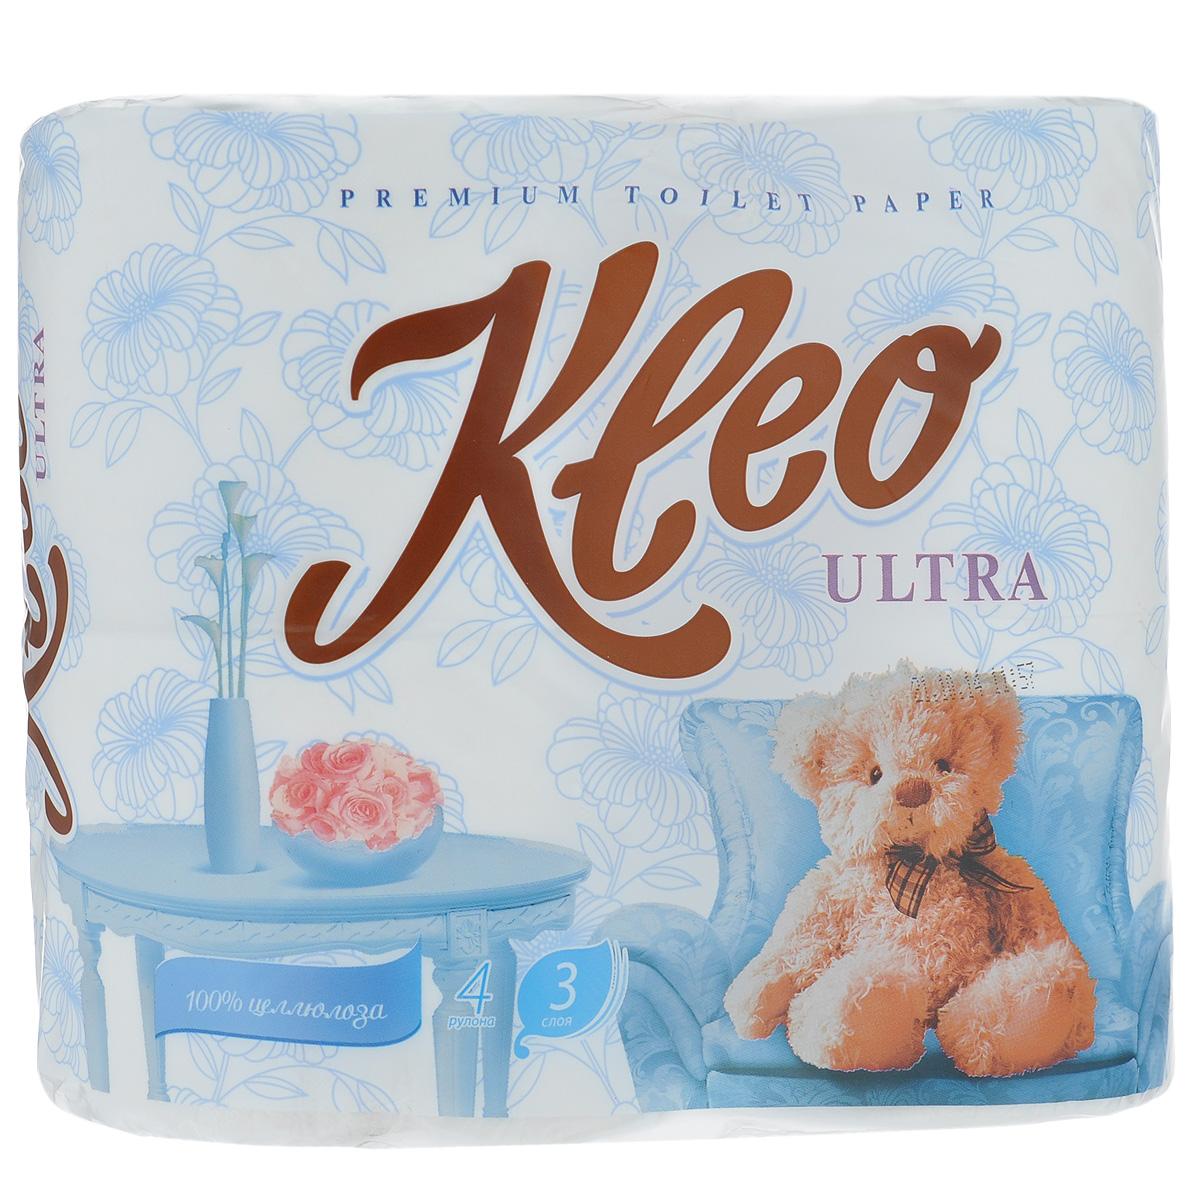 Туалетная бумага Kleo Ultra, трехслойная, цвет: белый, 4 рулона67742Туалетная бумага Kleo Ultra, выполненная из натуральной целлюлозы, обеспечивает превосходный комфорт и ощущение чистоты и свежести. Необыкновенно мягкая, но в тоже время прочная, бумага не расслаивается и отрывается строго по линии перфорации. Трехслойные листы имеют рисунок с перфорацией.Количество листов: 168 шт. Количество слоев: 3. Размер листа: 12,5 см х 9,6 см. Состав: 100% целлюлоза.